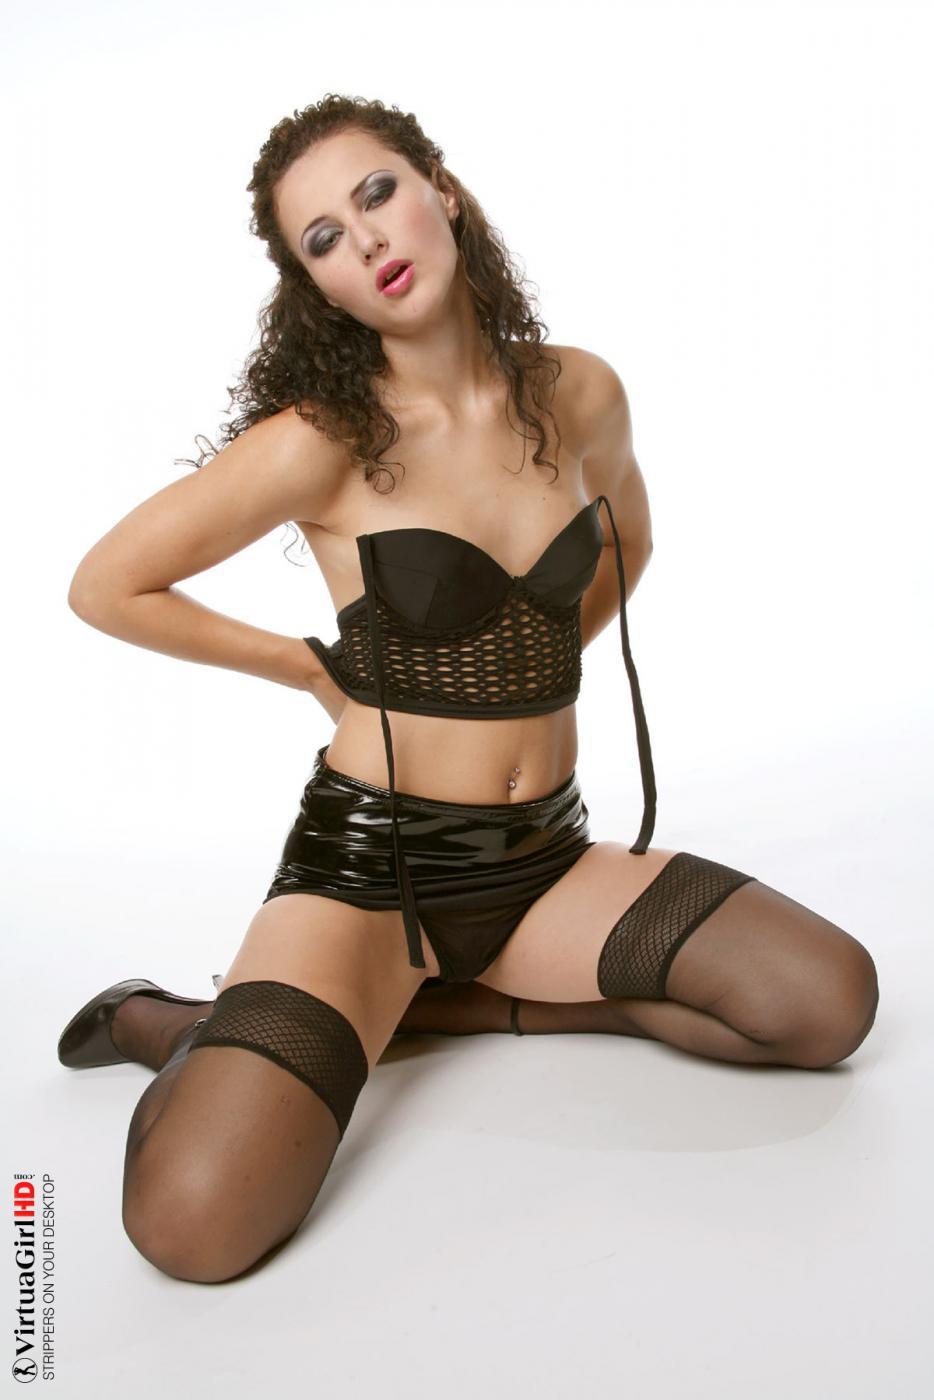 Милая русая порноактрисса в чулках Andrea Drapelova обнажает голые сиськи и пизду